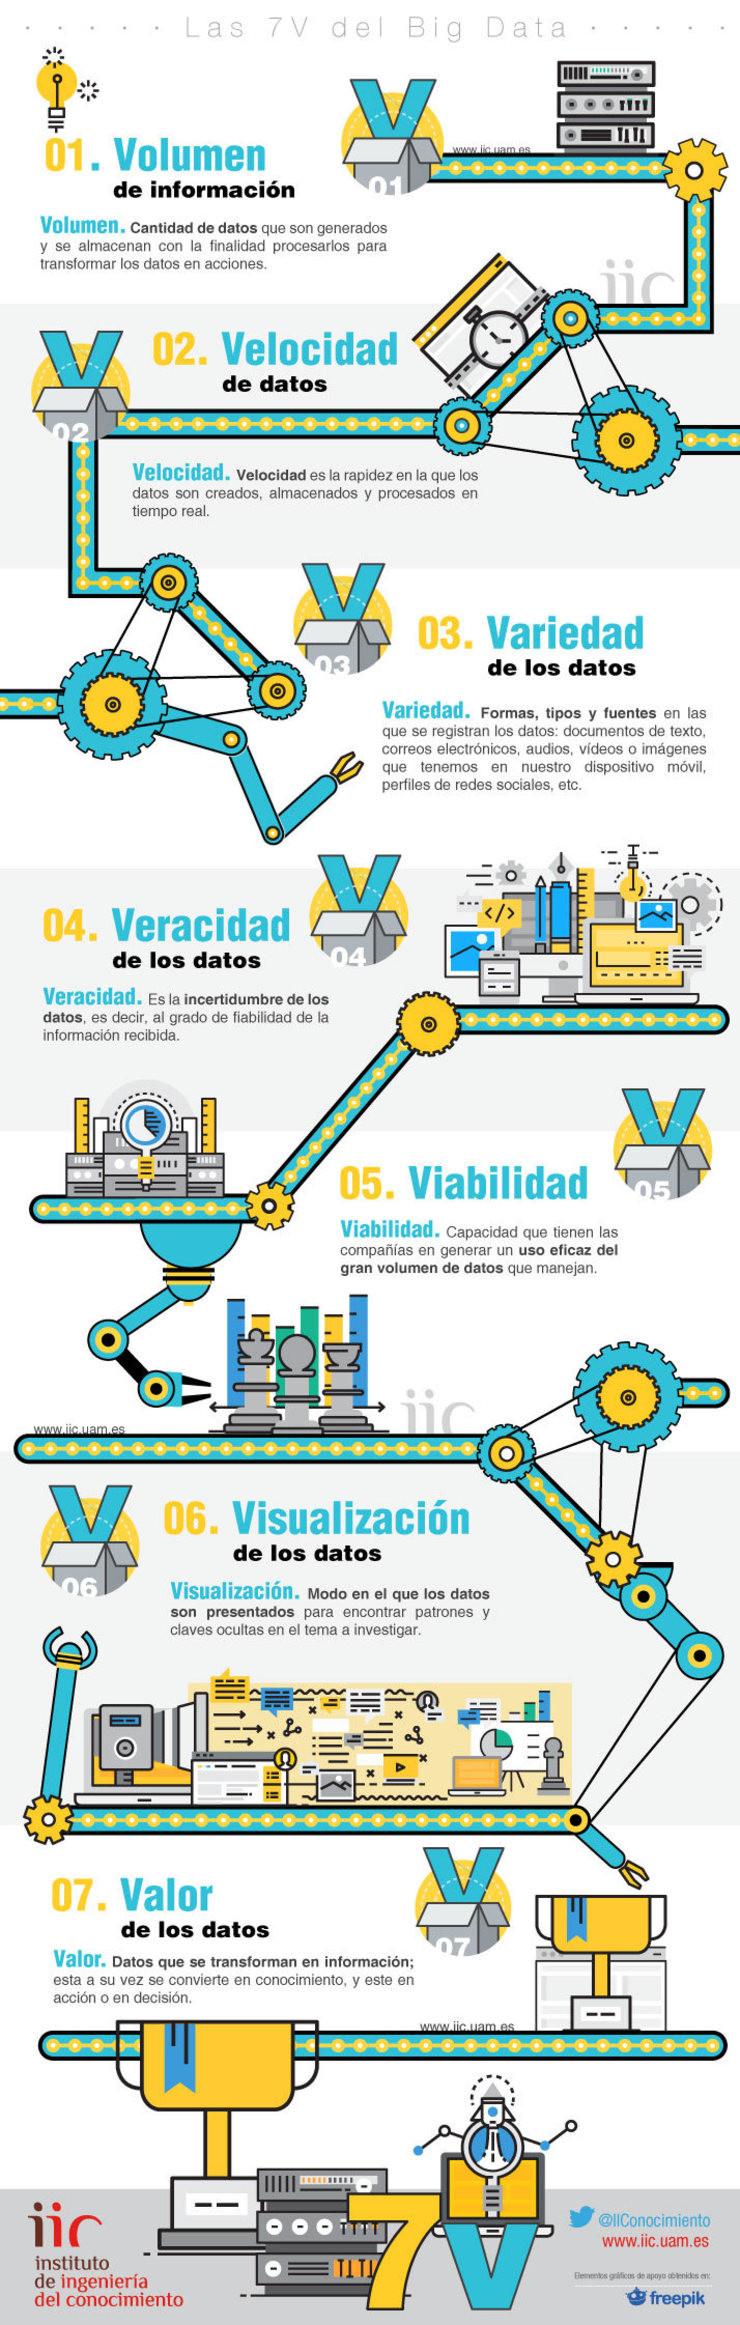 Instituto de Ingeniería del Conocimiento - Las 7v del Big Data